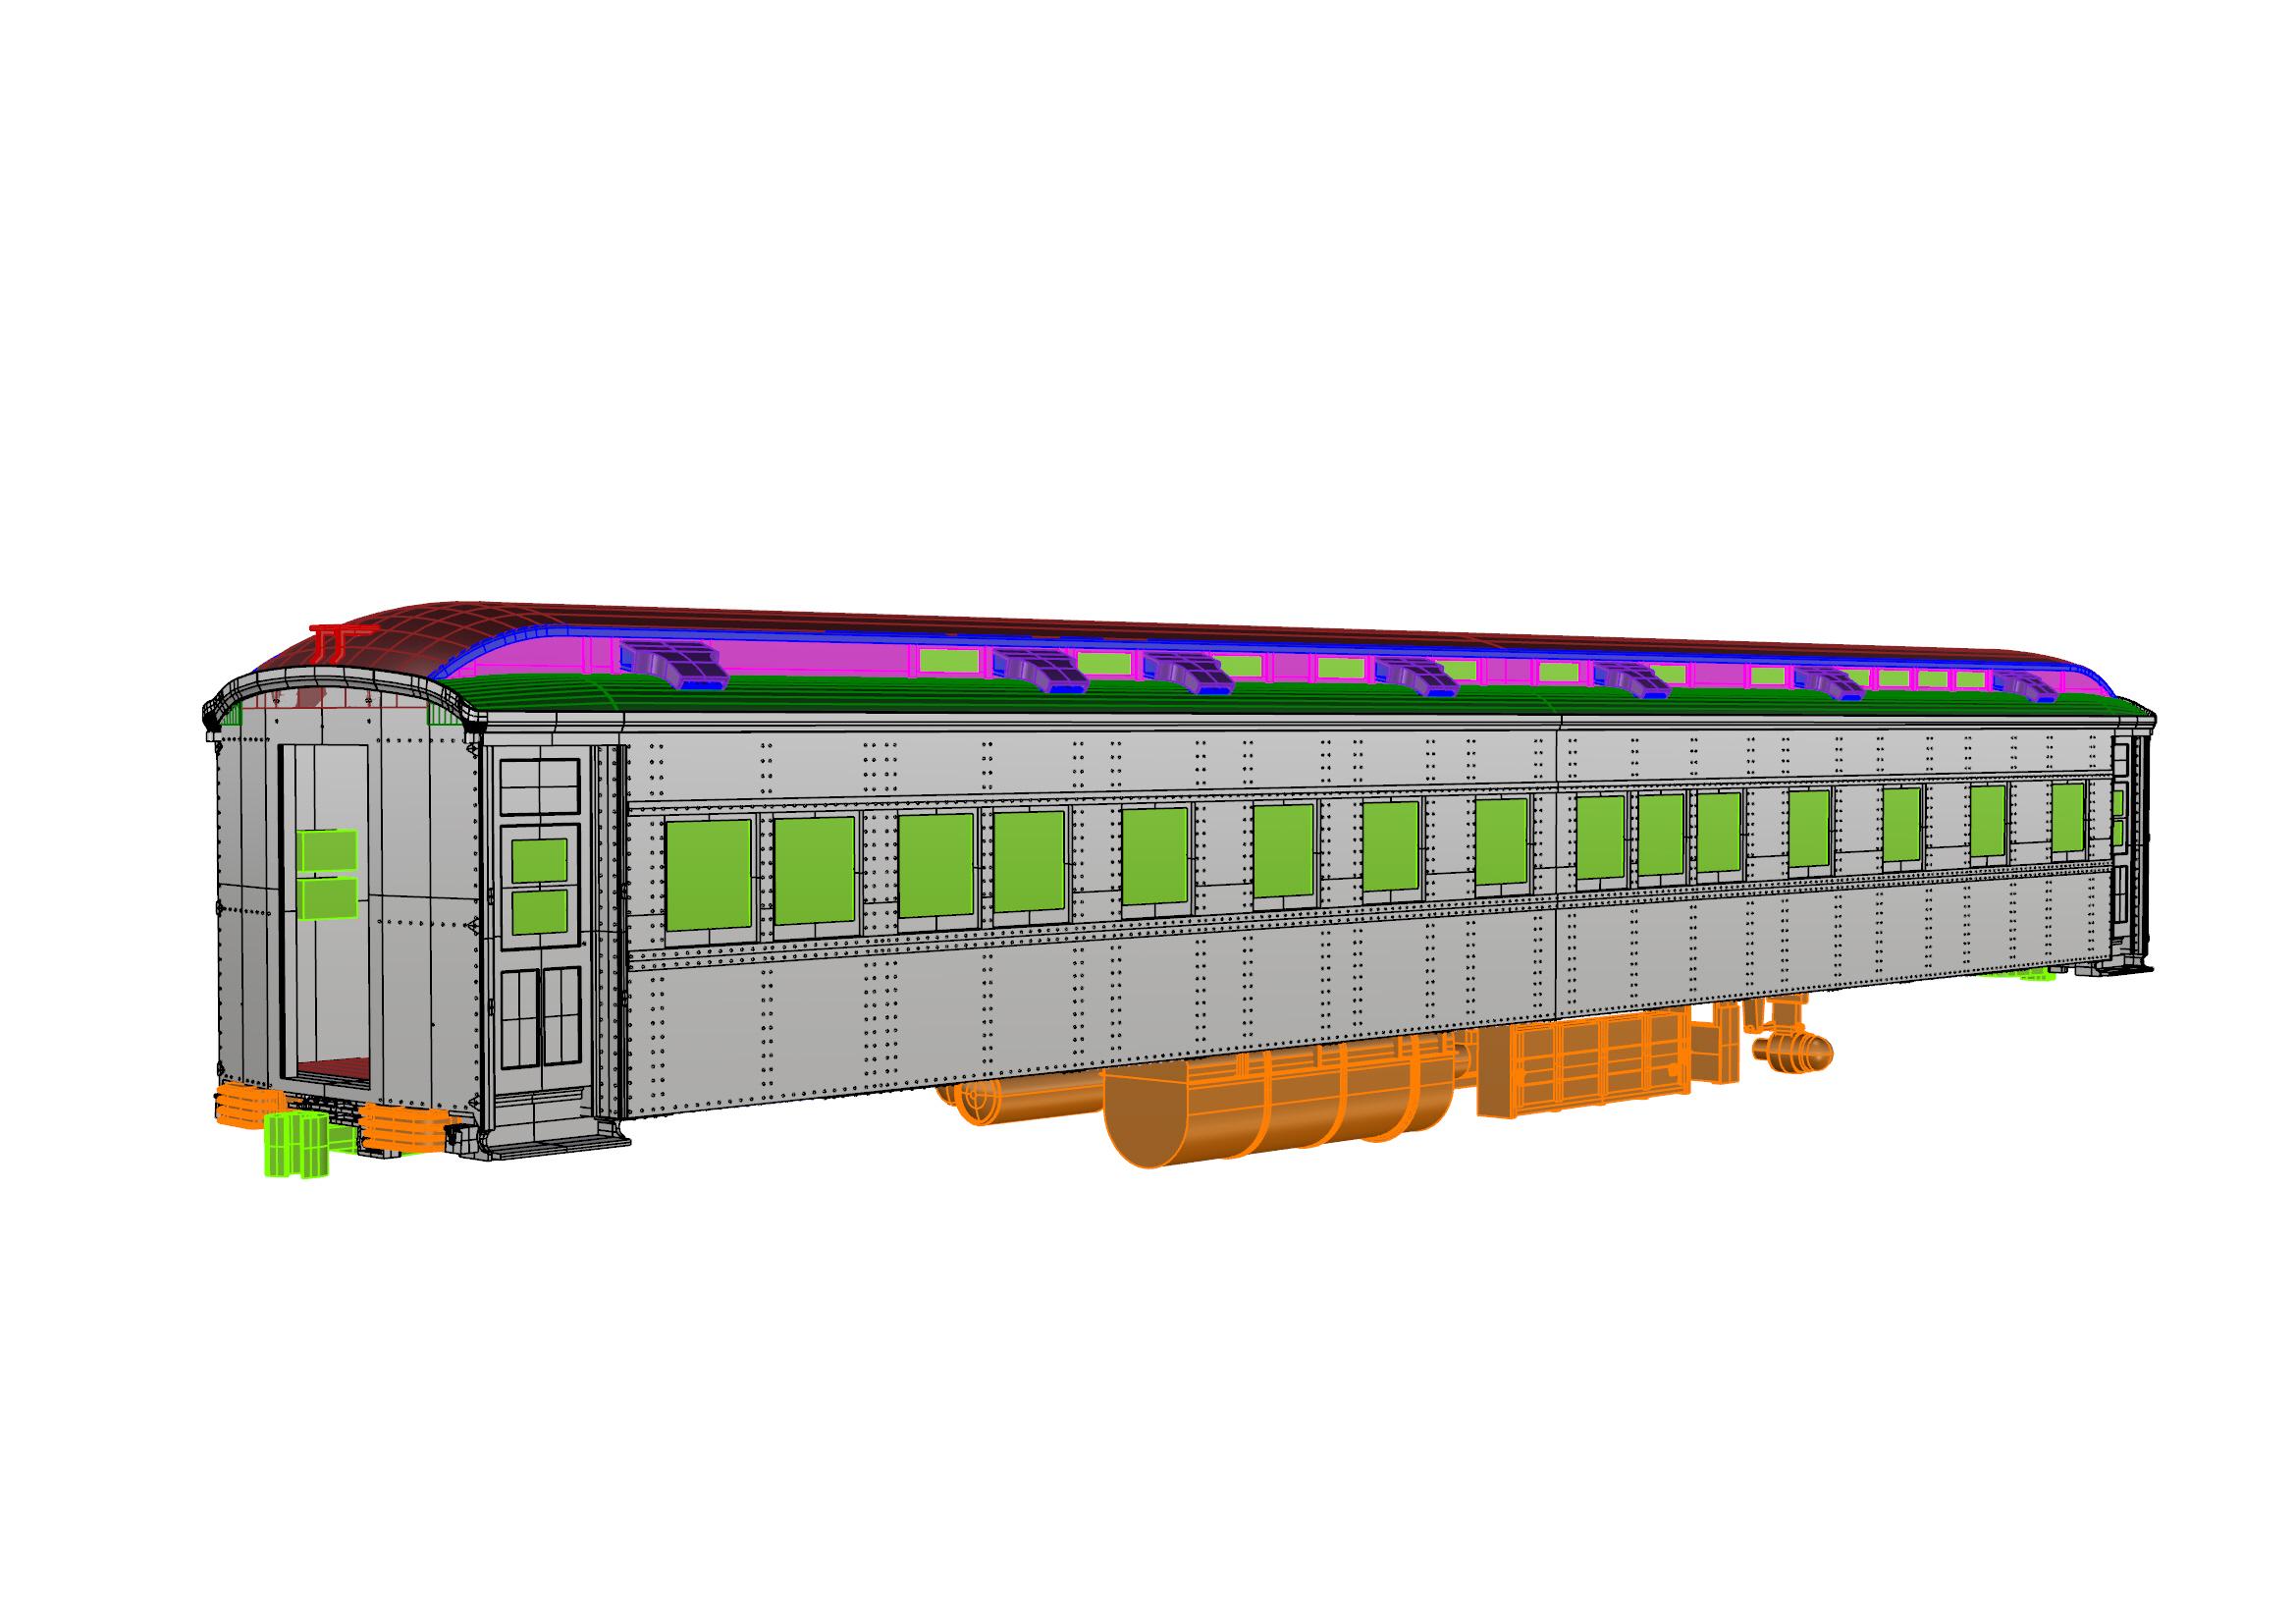 Maxモデル マイネ37130-2